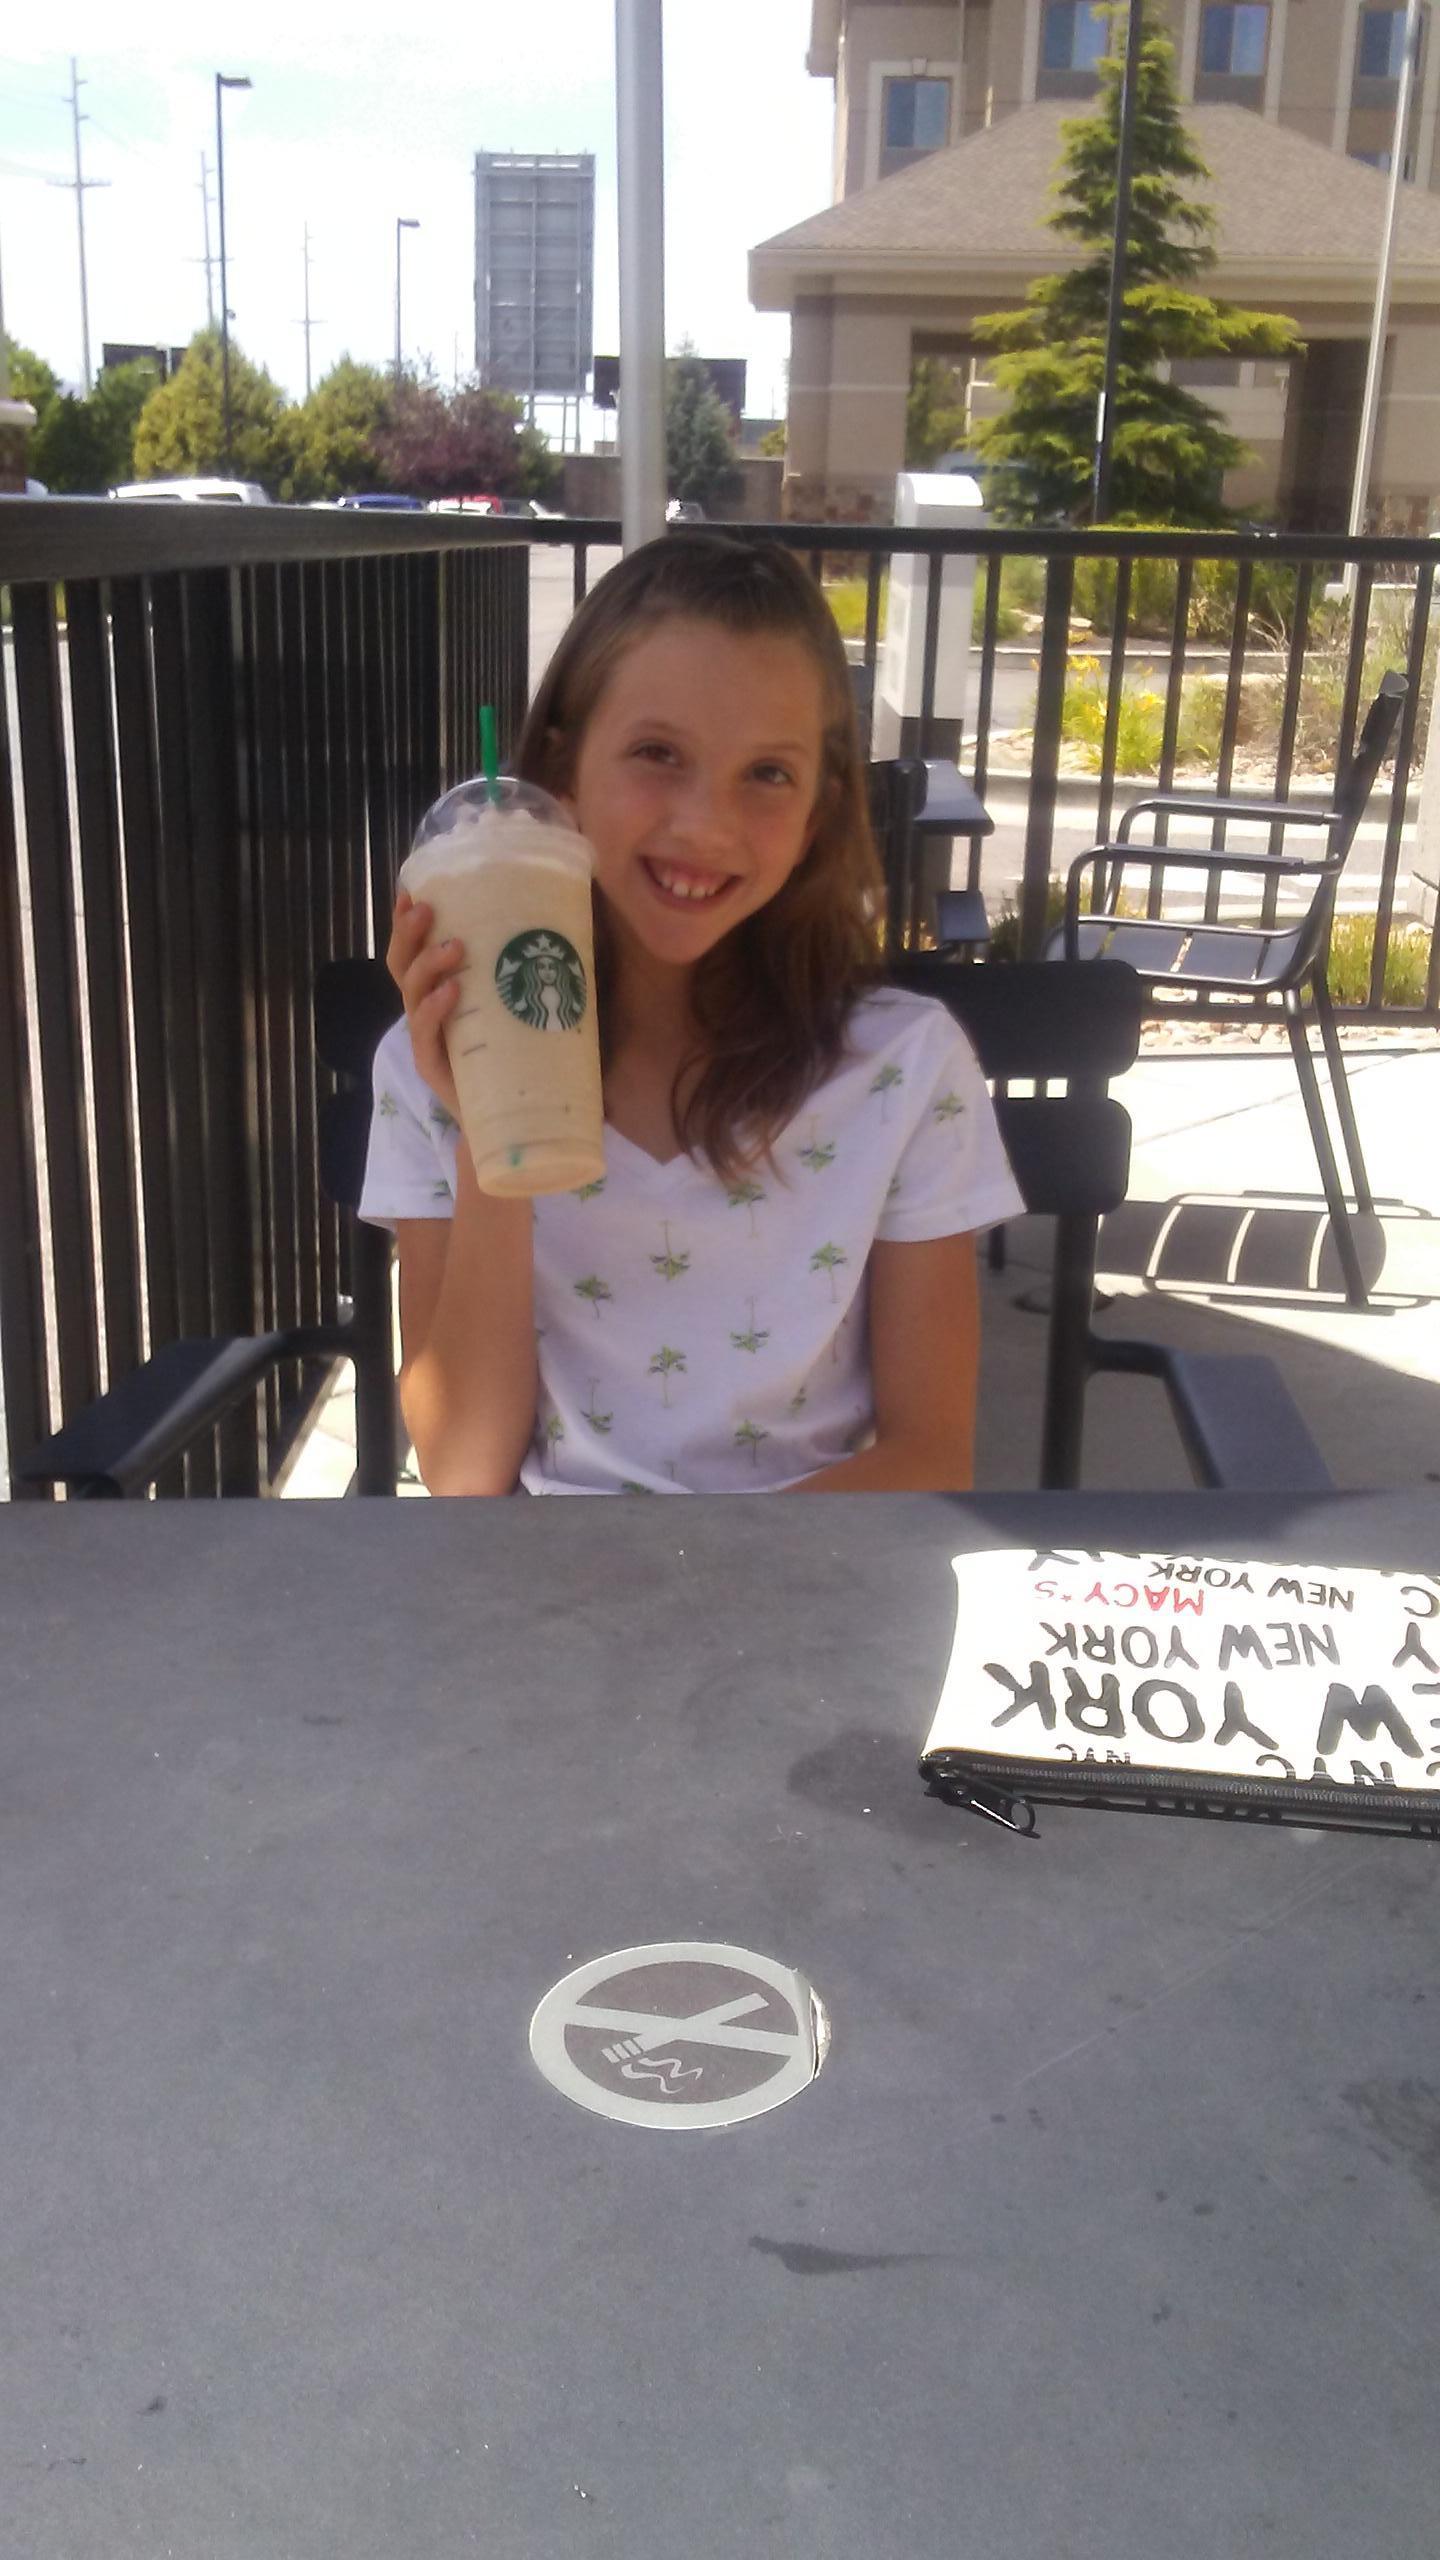 Got to Love Starbucks and their Chei tea tea